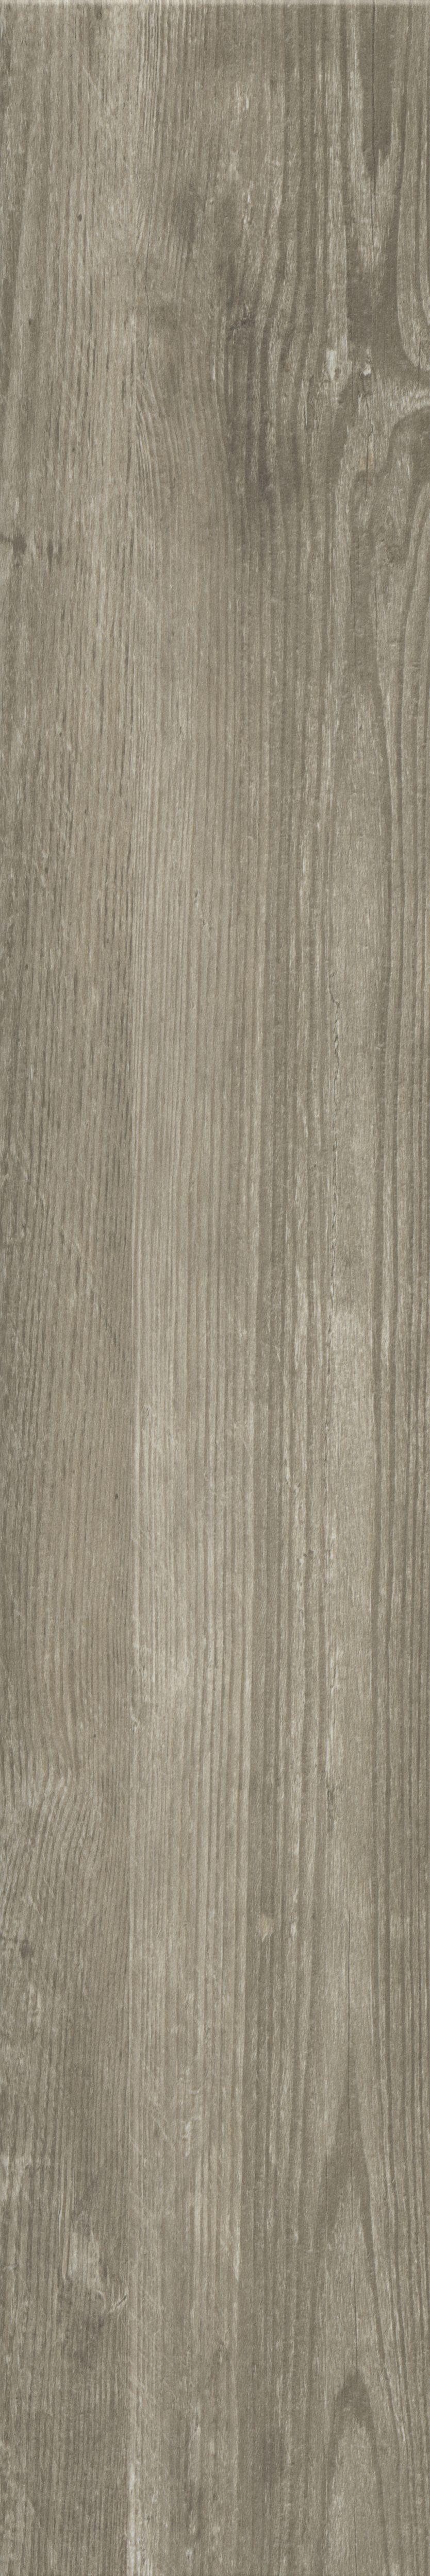 Damaso Beige Wood Effect Porcelain Floor Tile, Pack Of 8, (l)900mm (w)150mm